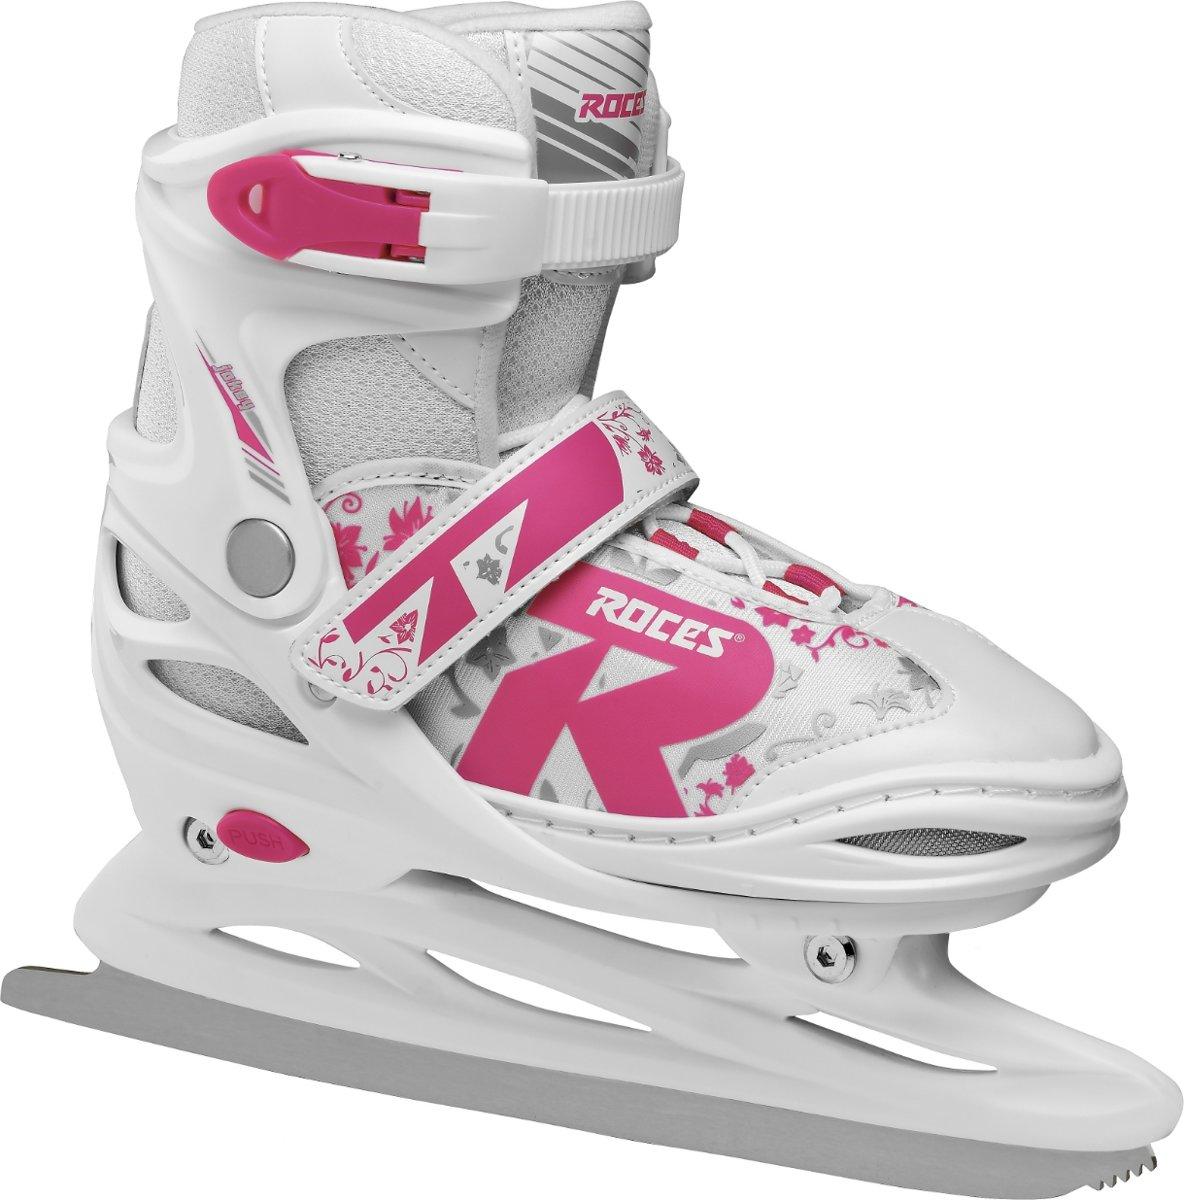 ROCES Kunstschaatsen verstelbaar JOKEY ICE 2.0 GIRL Wit/Roze 26-29